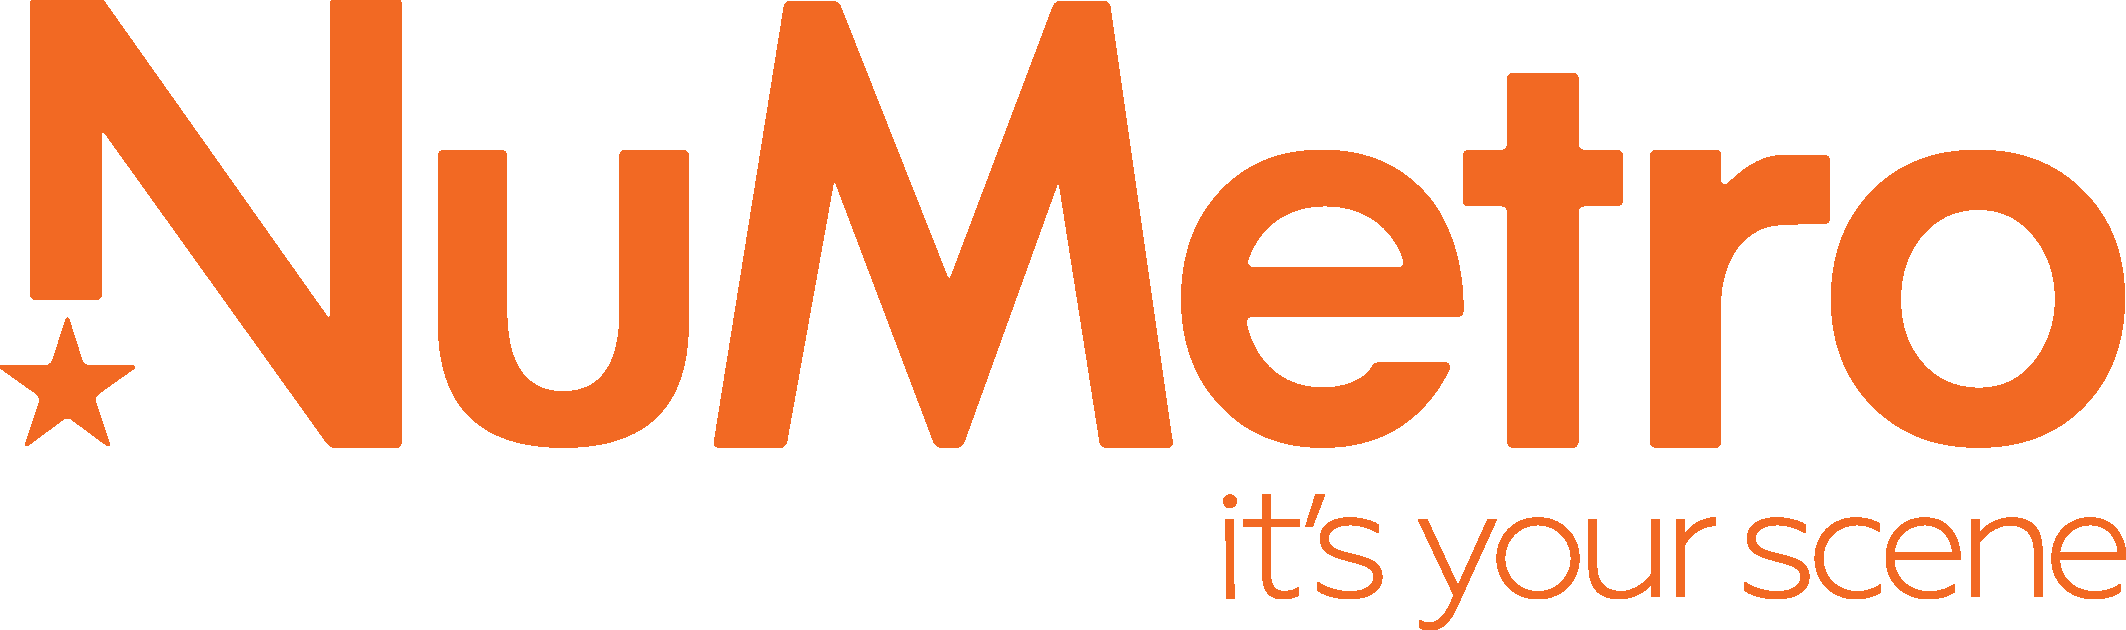 nu_metro_logo_orange.png